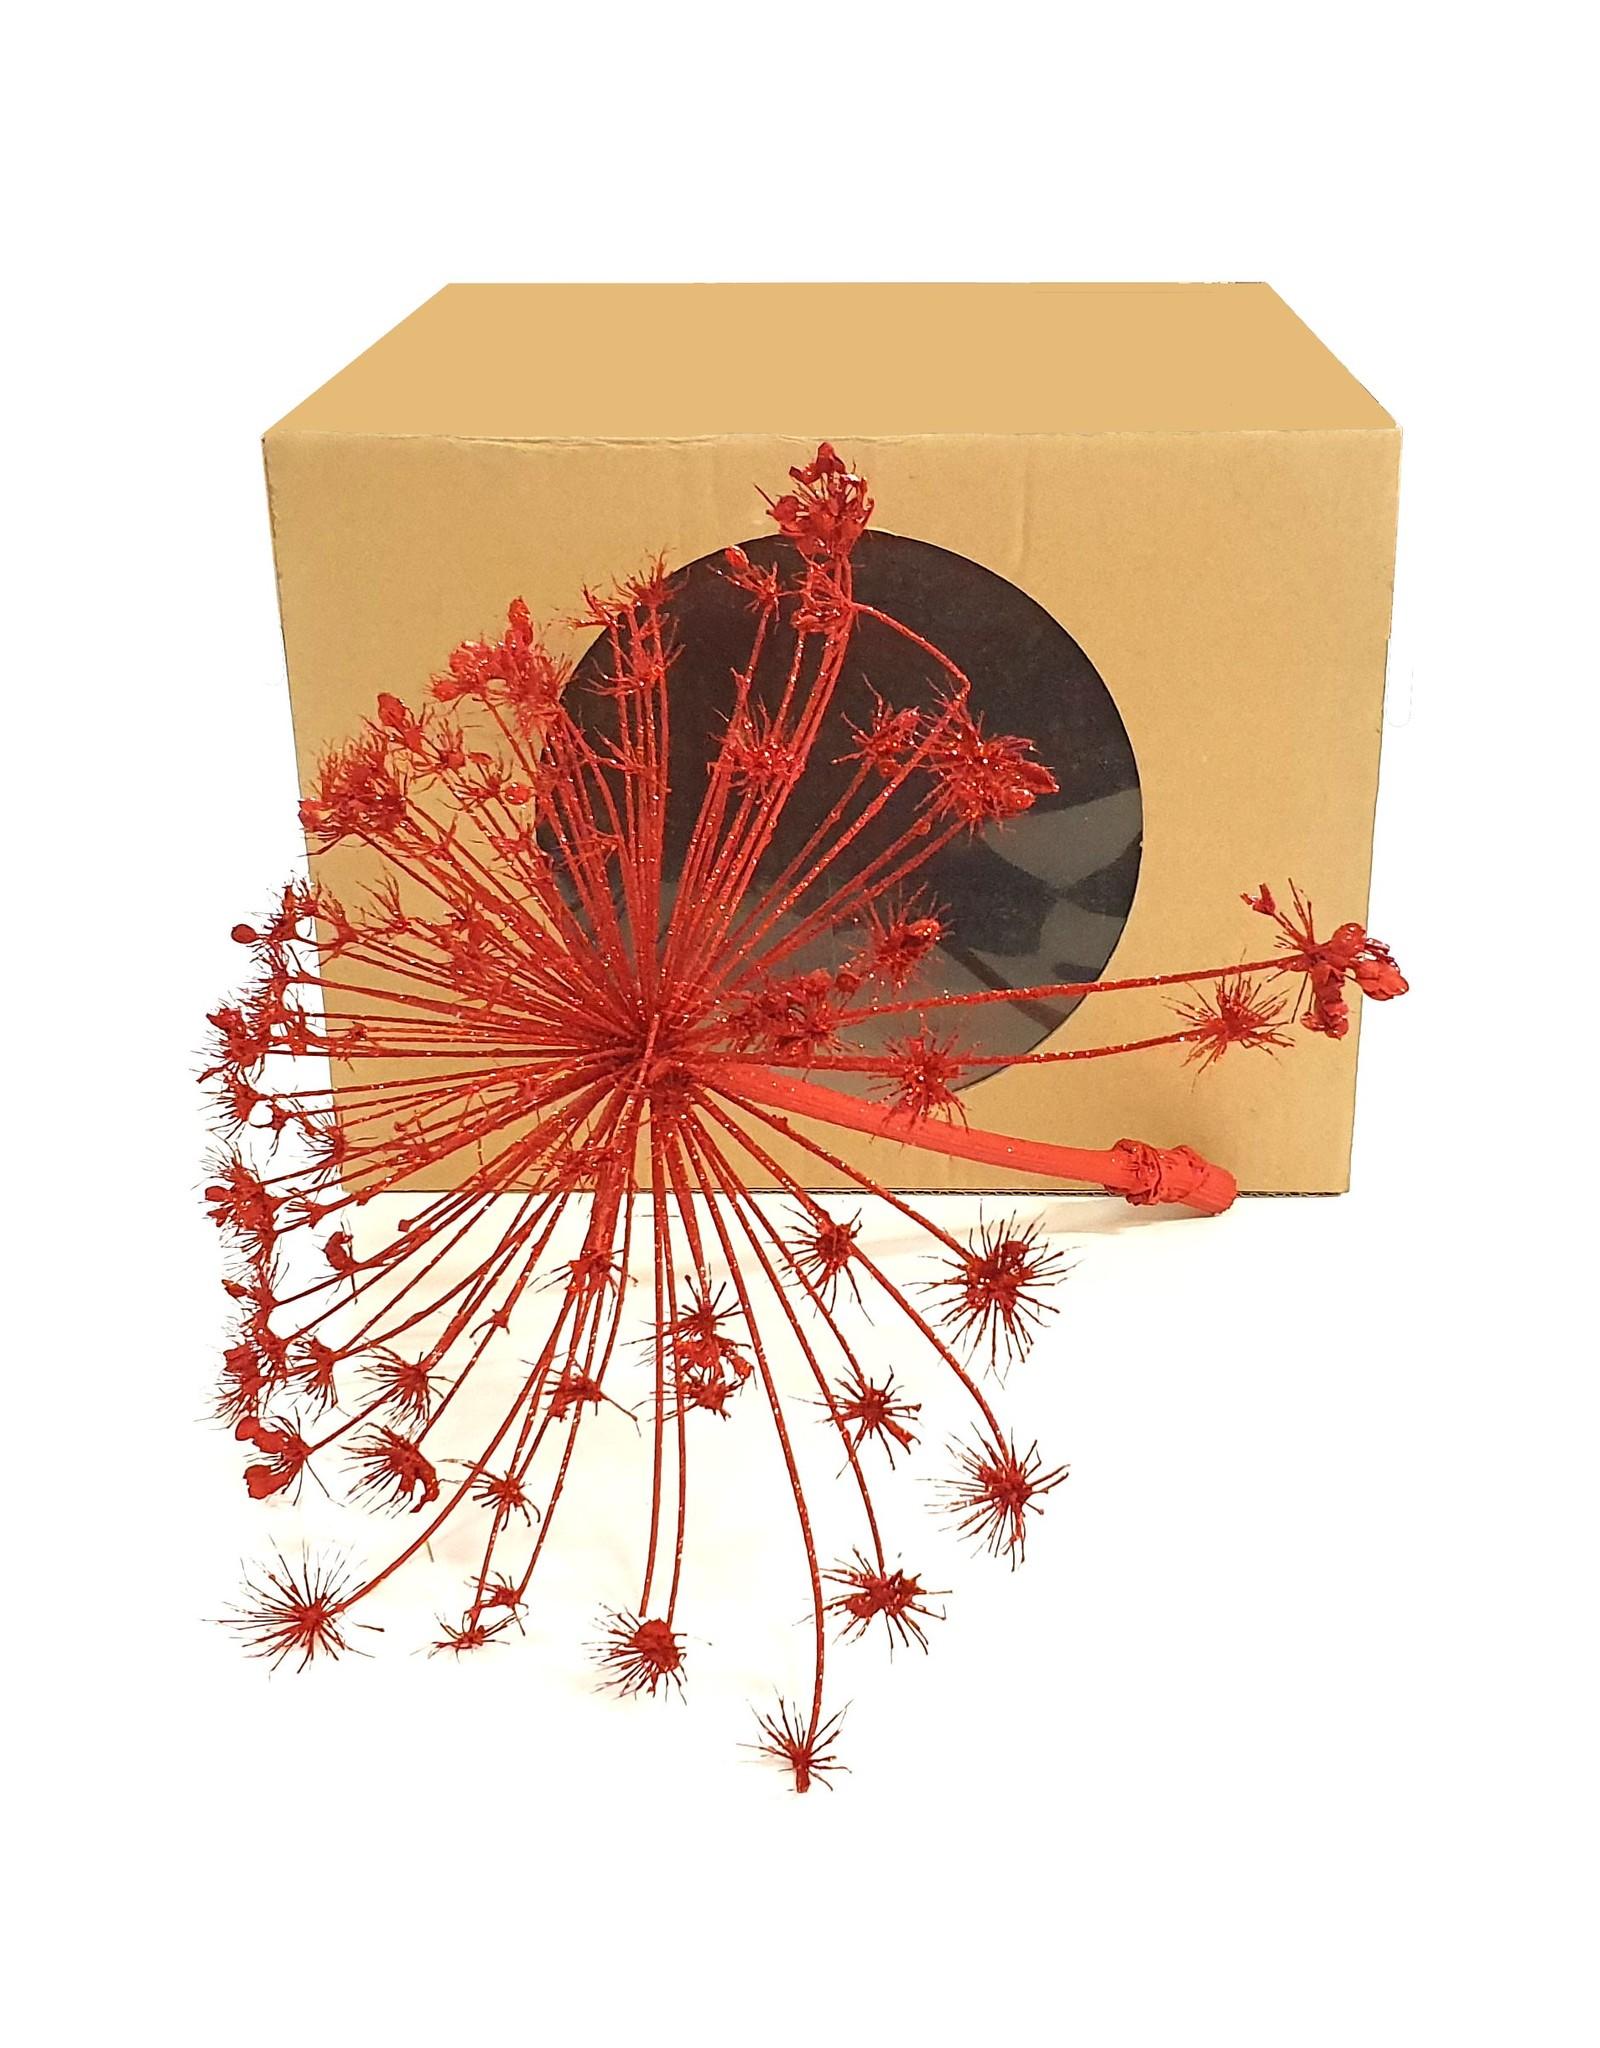 Heracleum head per pc 40cm in vensterbox Red + Glitter x 1